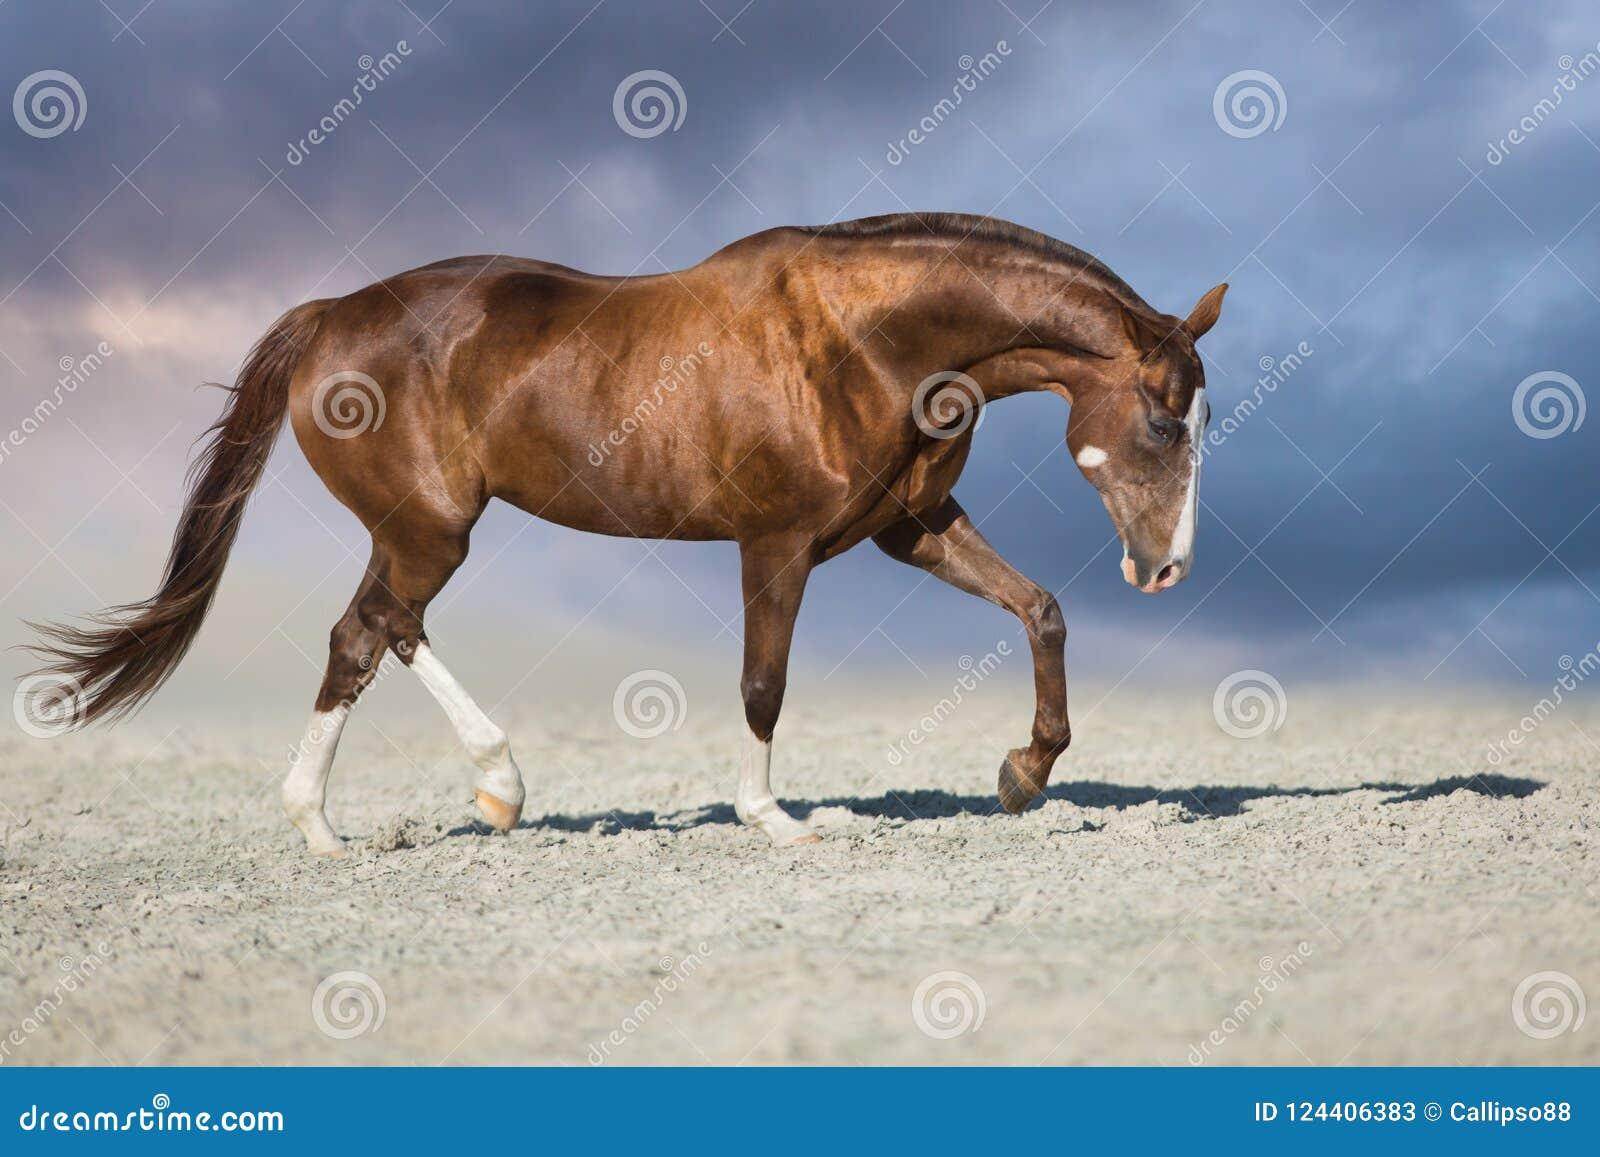 Égua vermelha corrida no deserto